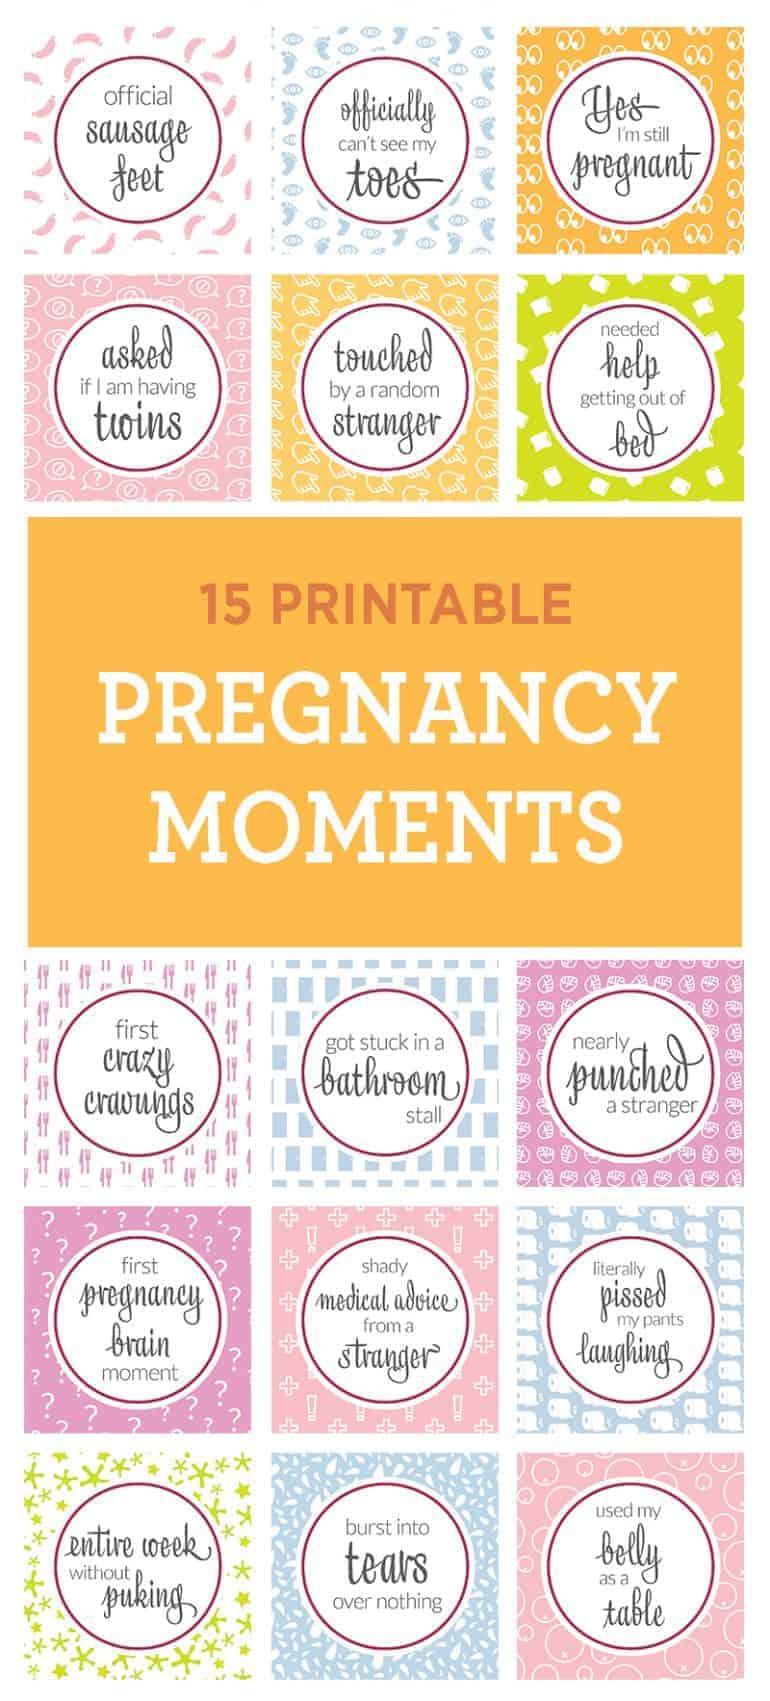 True Pregnancy Moments (15 Printables)